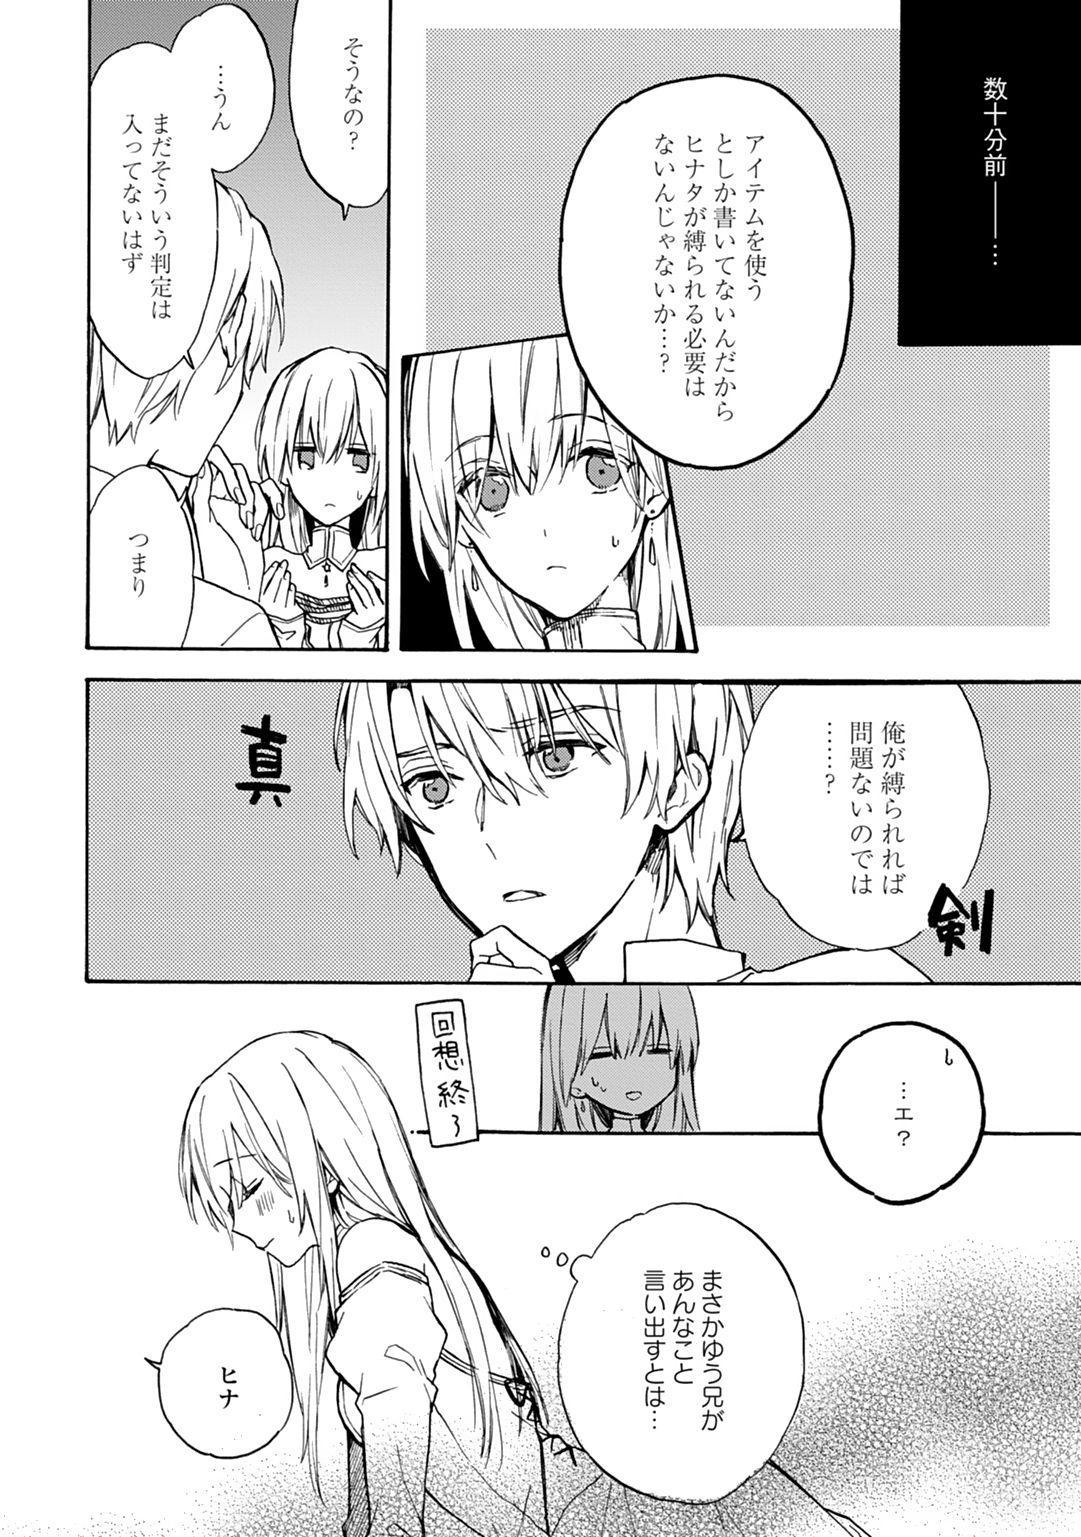 [Suzushiro Nerita] Otomege (18-kin) de Nyotaika shita Ore wa ~Clear Jouken wa Dekiai Ecchi!?~ 1-2 47